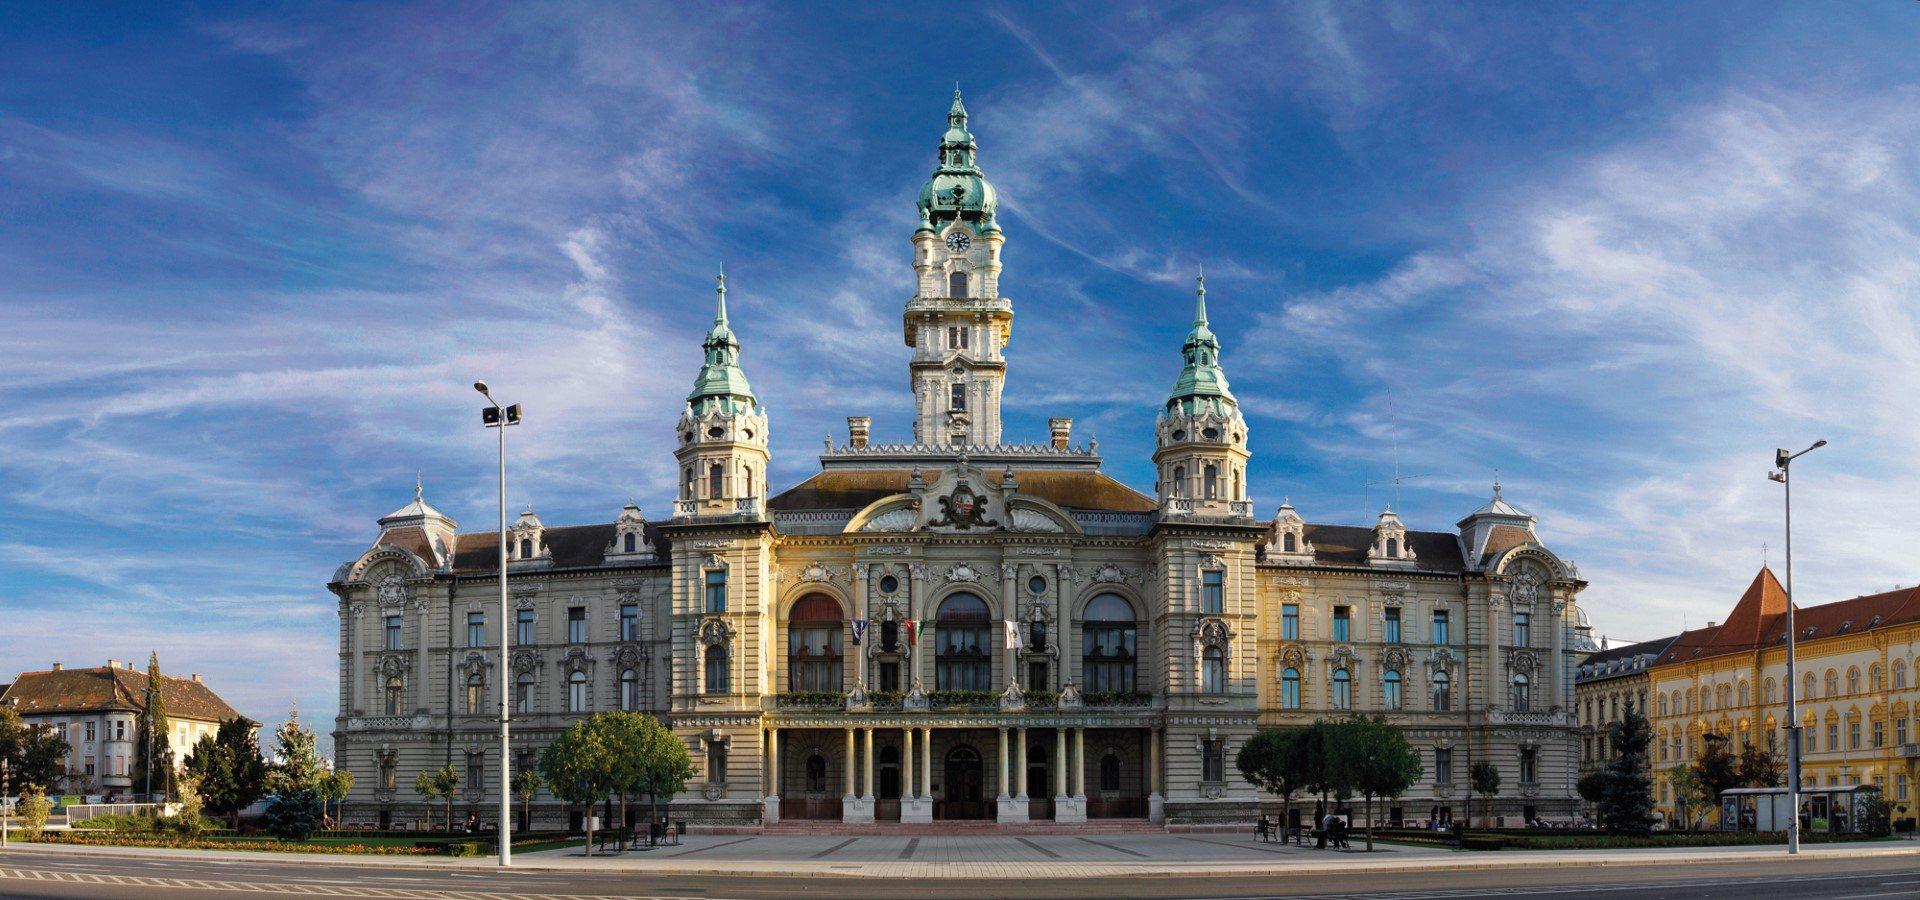 <a href='http://hellogyor.hu/en/sights/city-hall/'>City Hall</a>